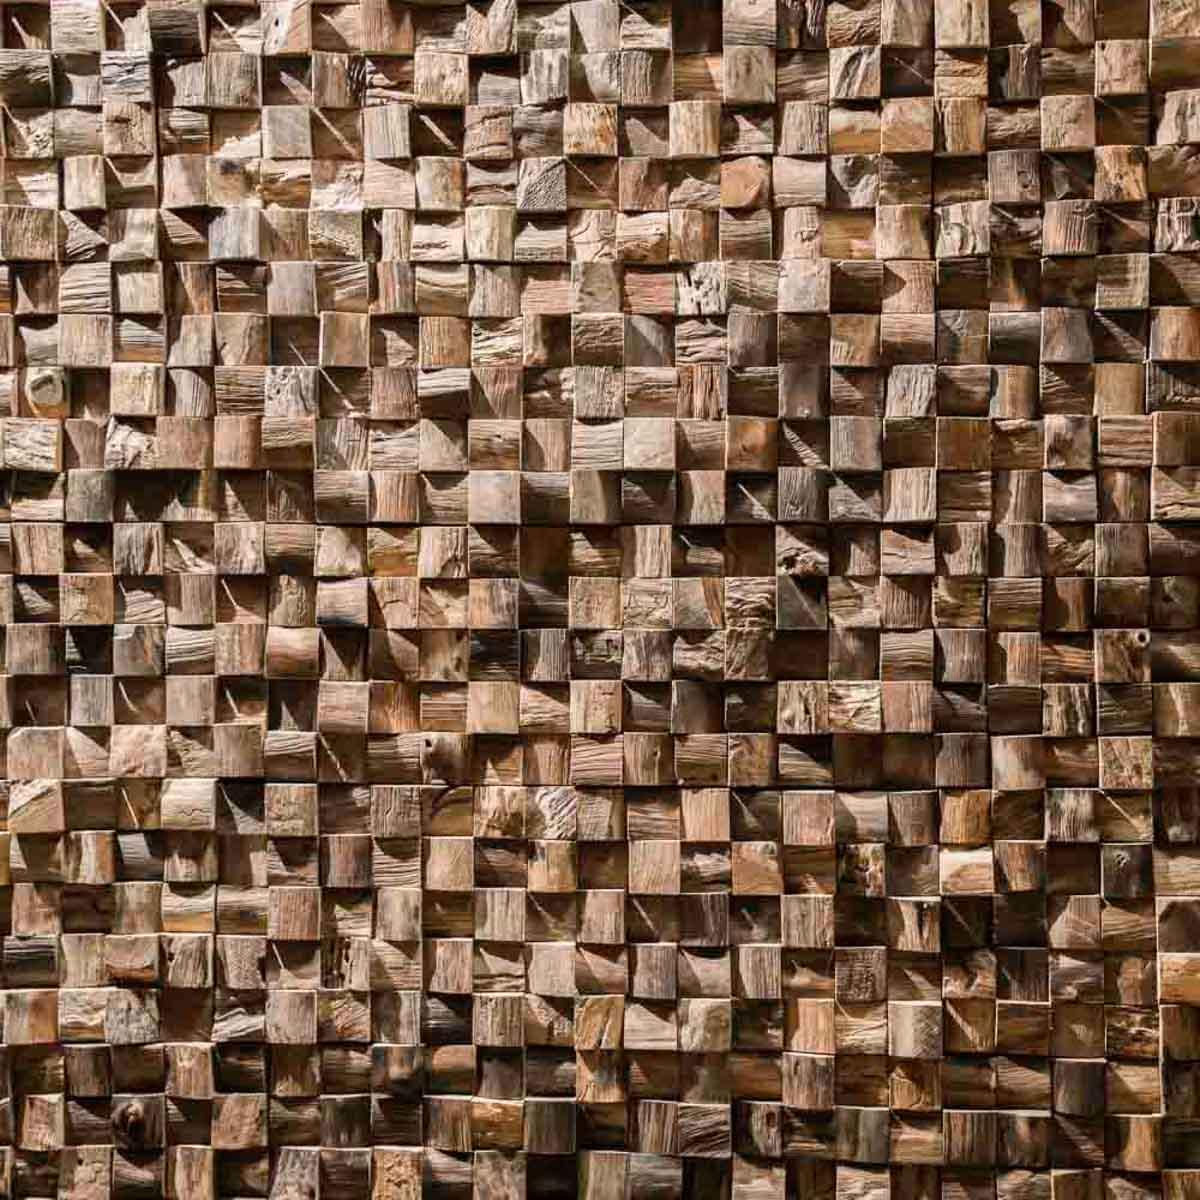 Habillage bois mur interieur for Habillage mur interieur en bois